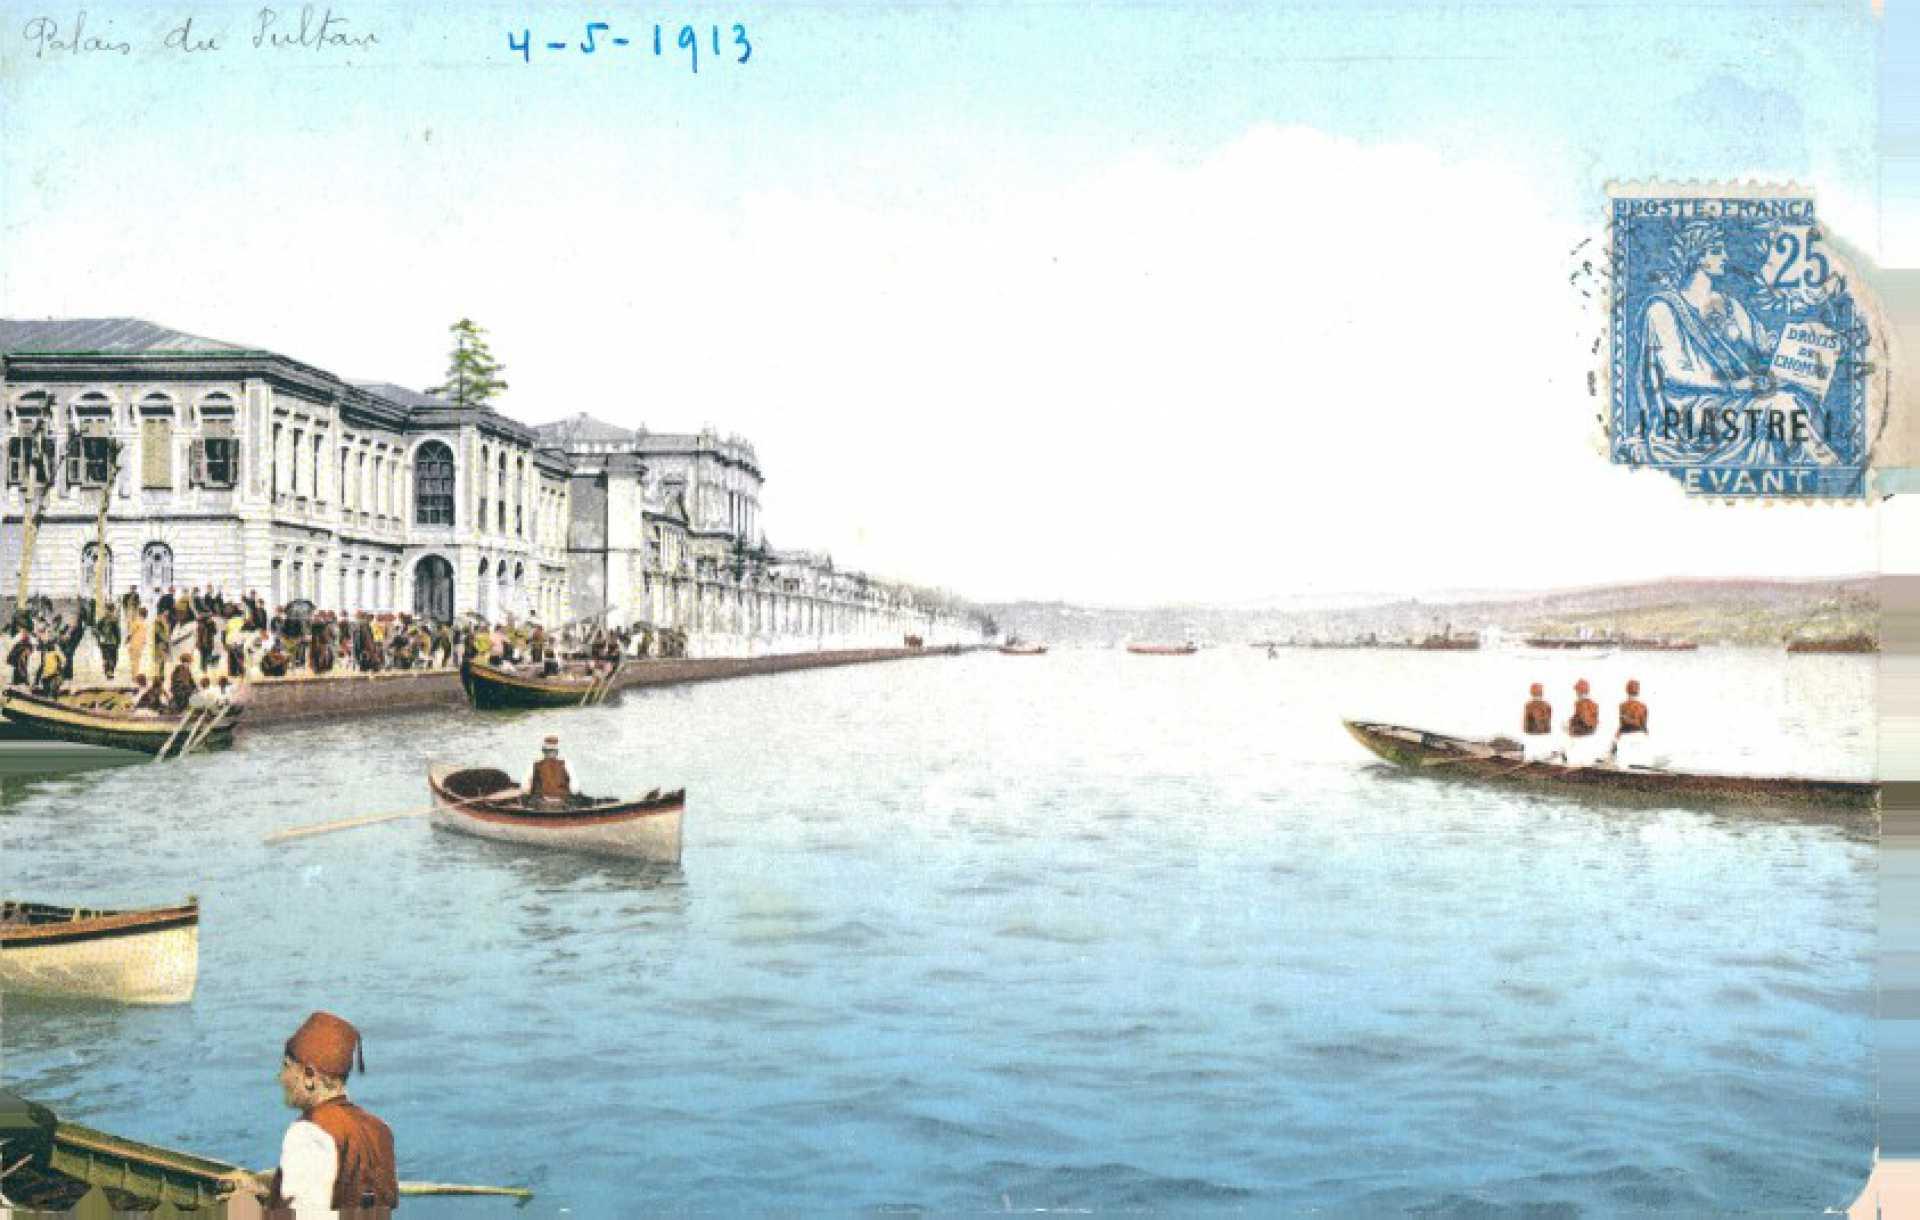 Palais du Sultan